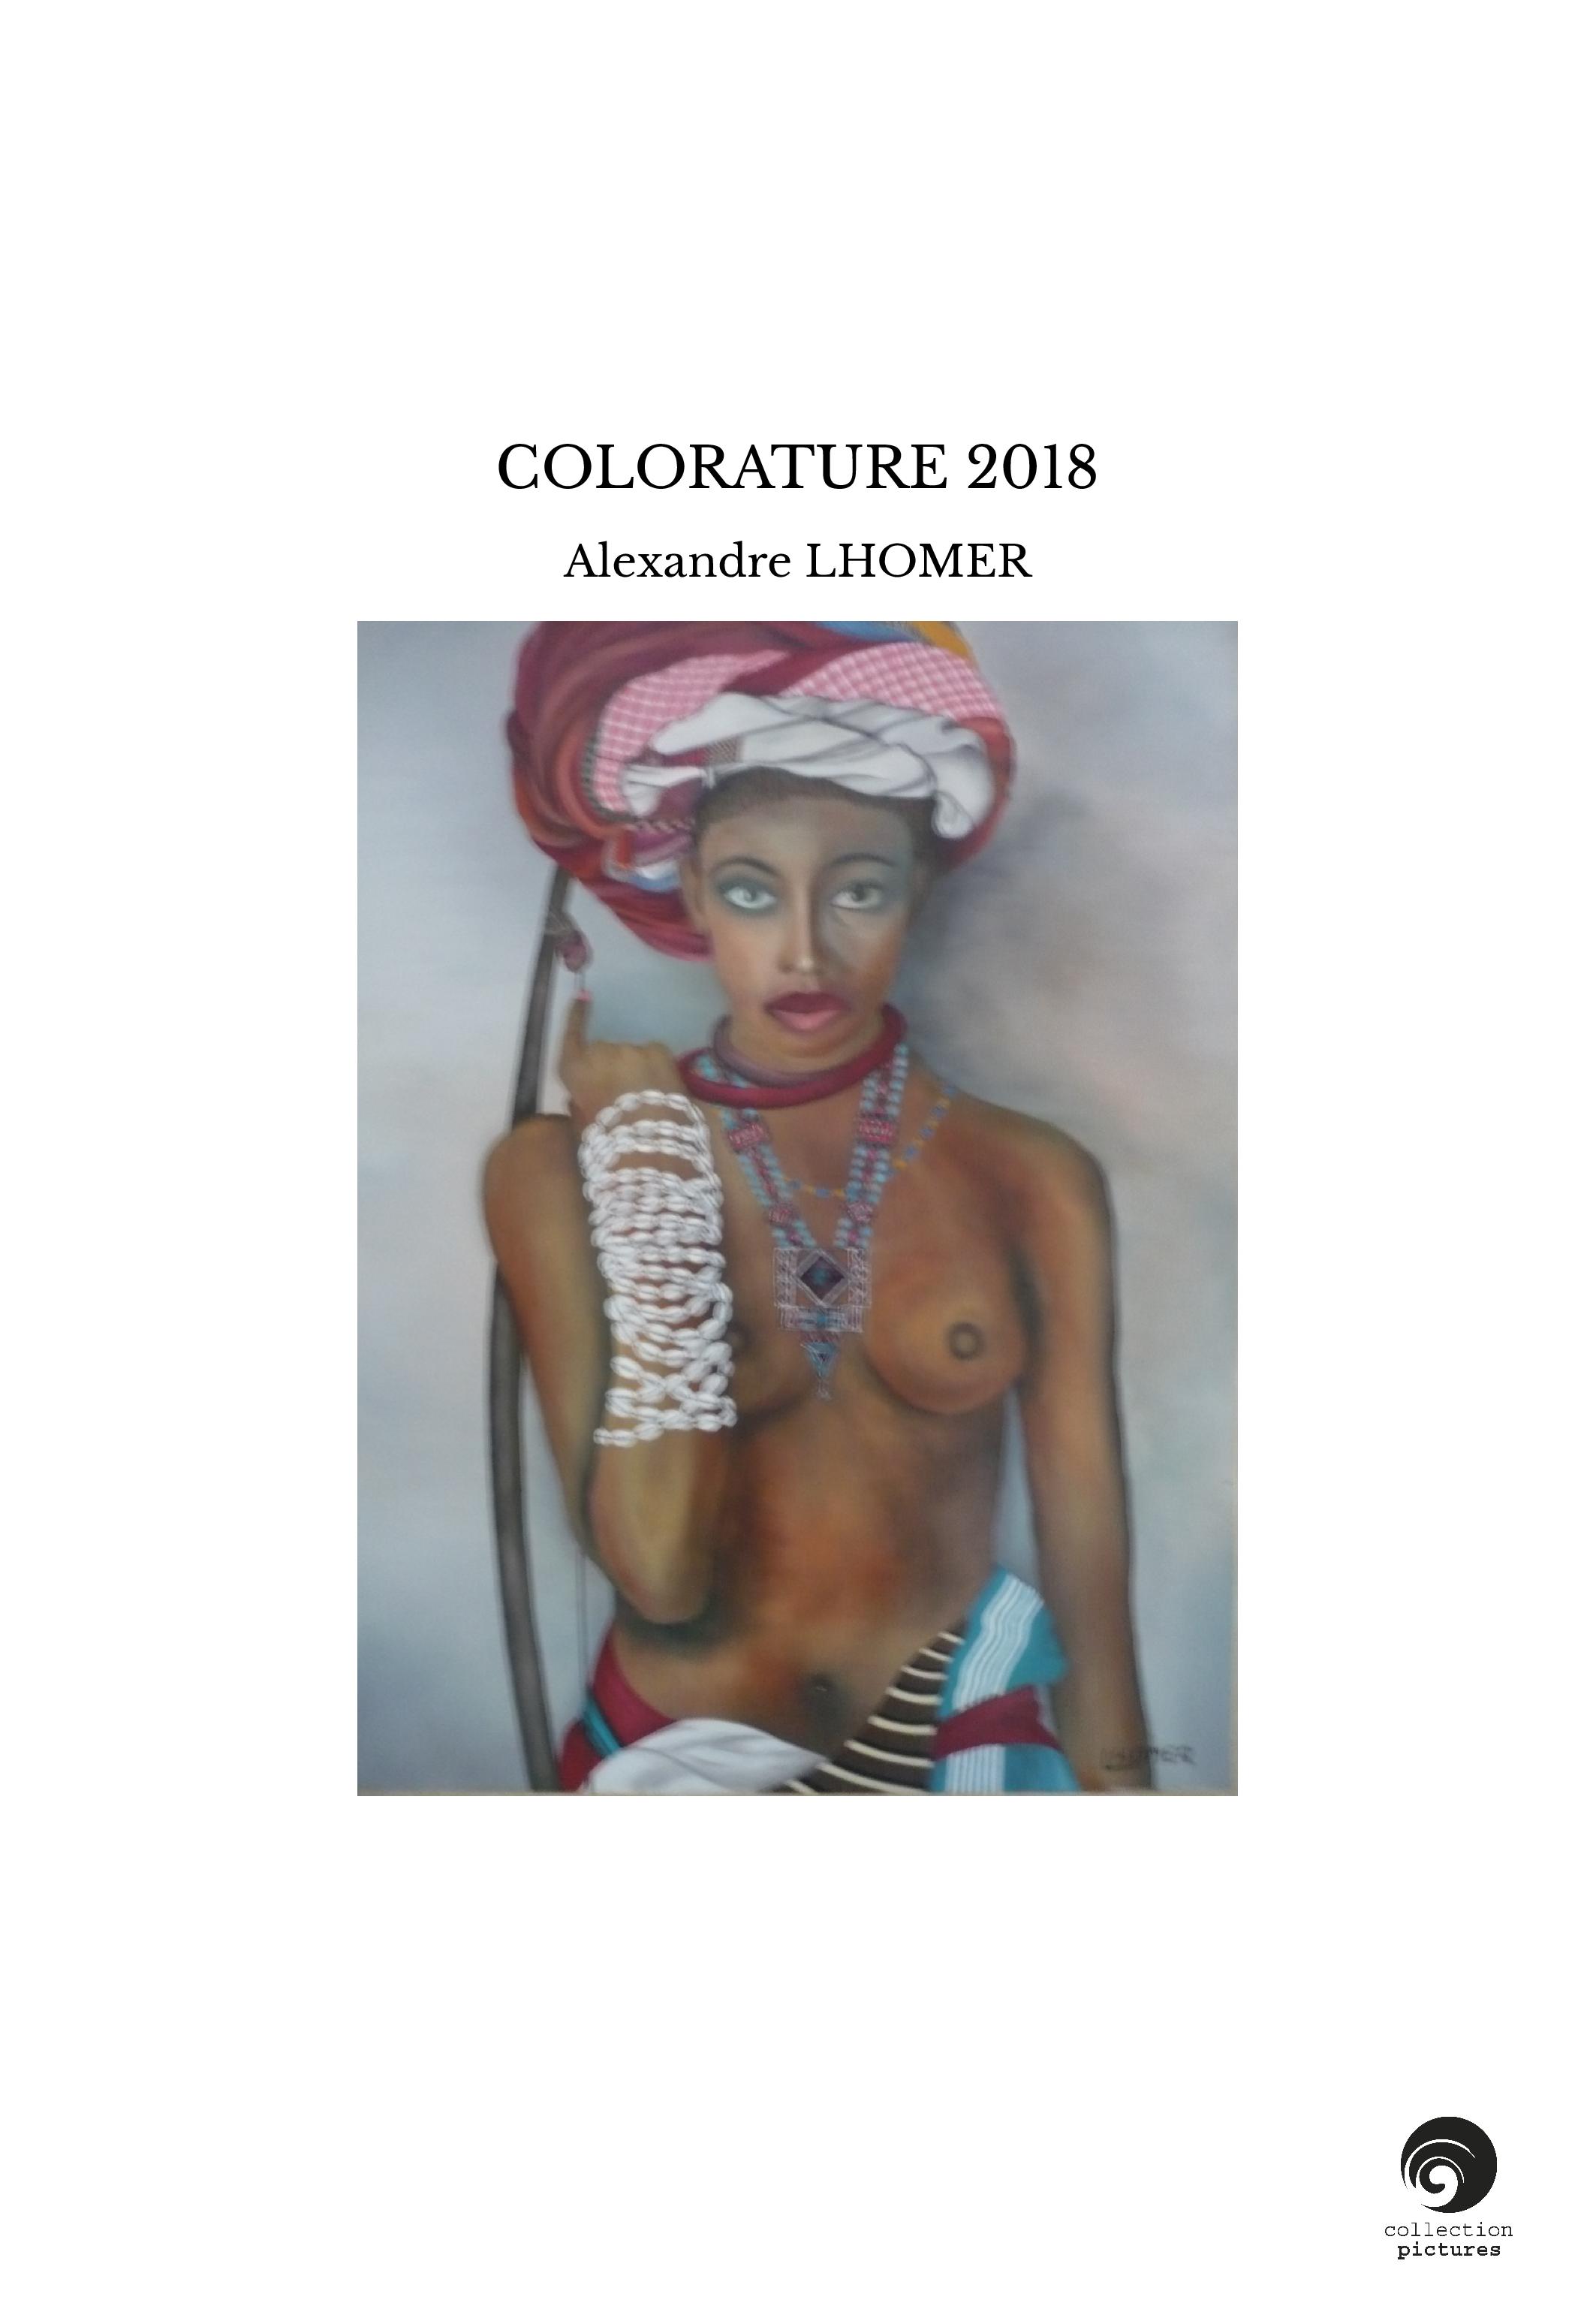 COLORATURE 2018